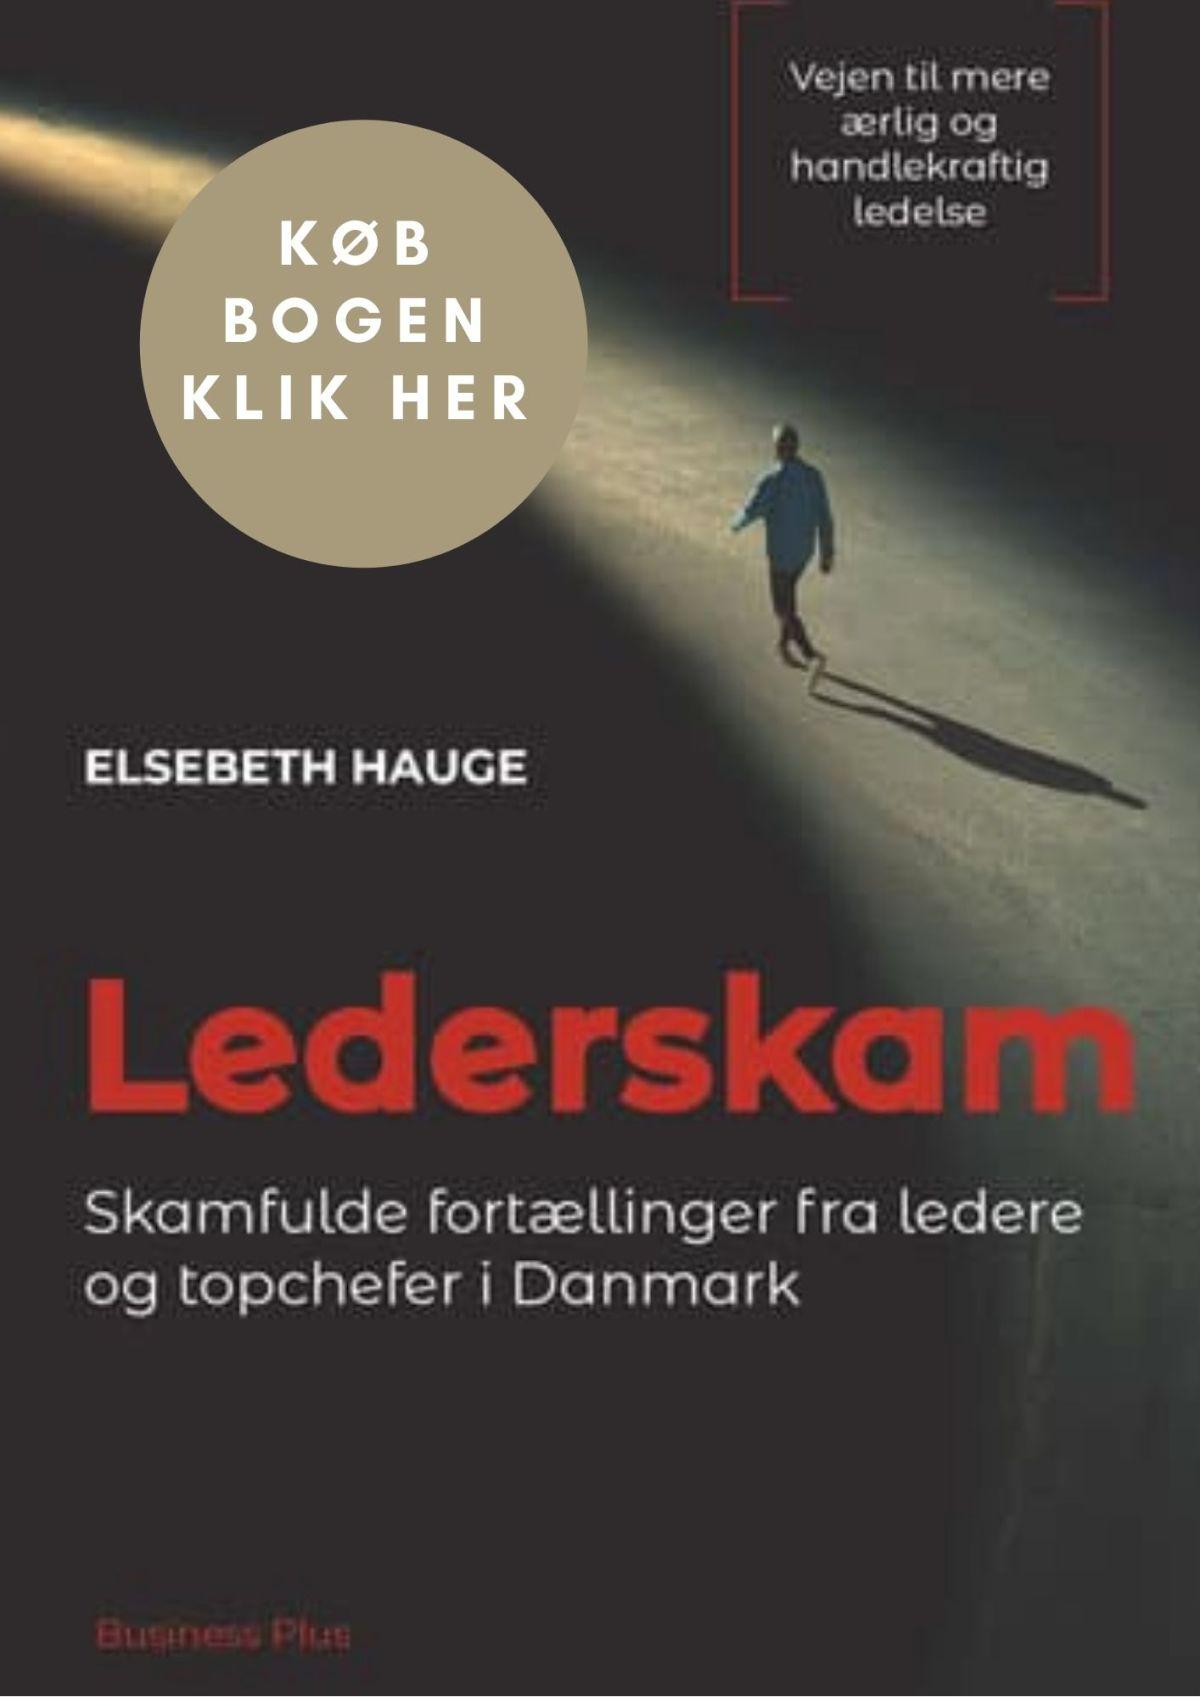 Lederskam-køb-bog